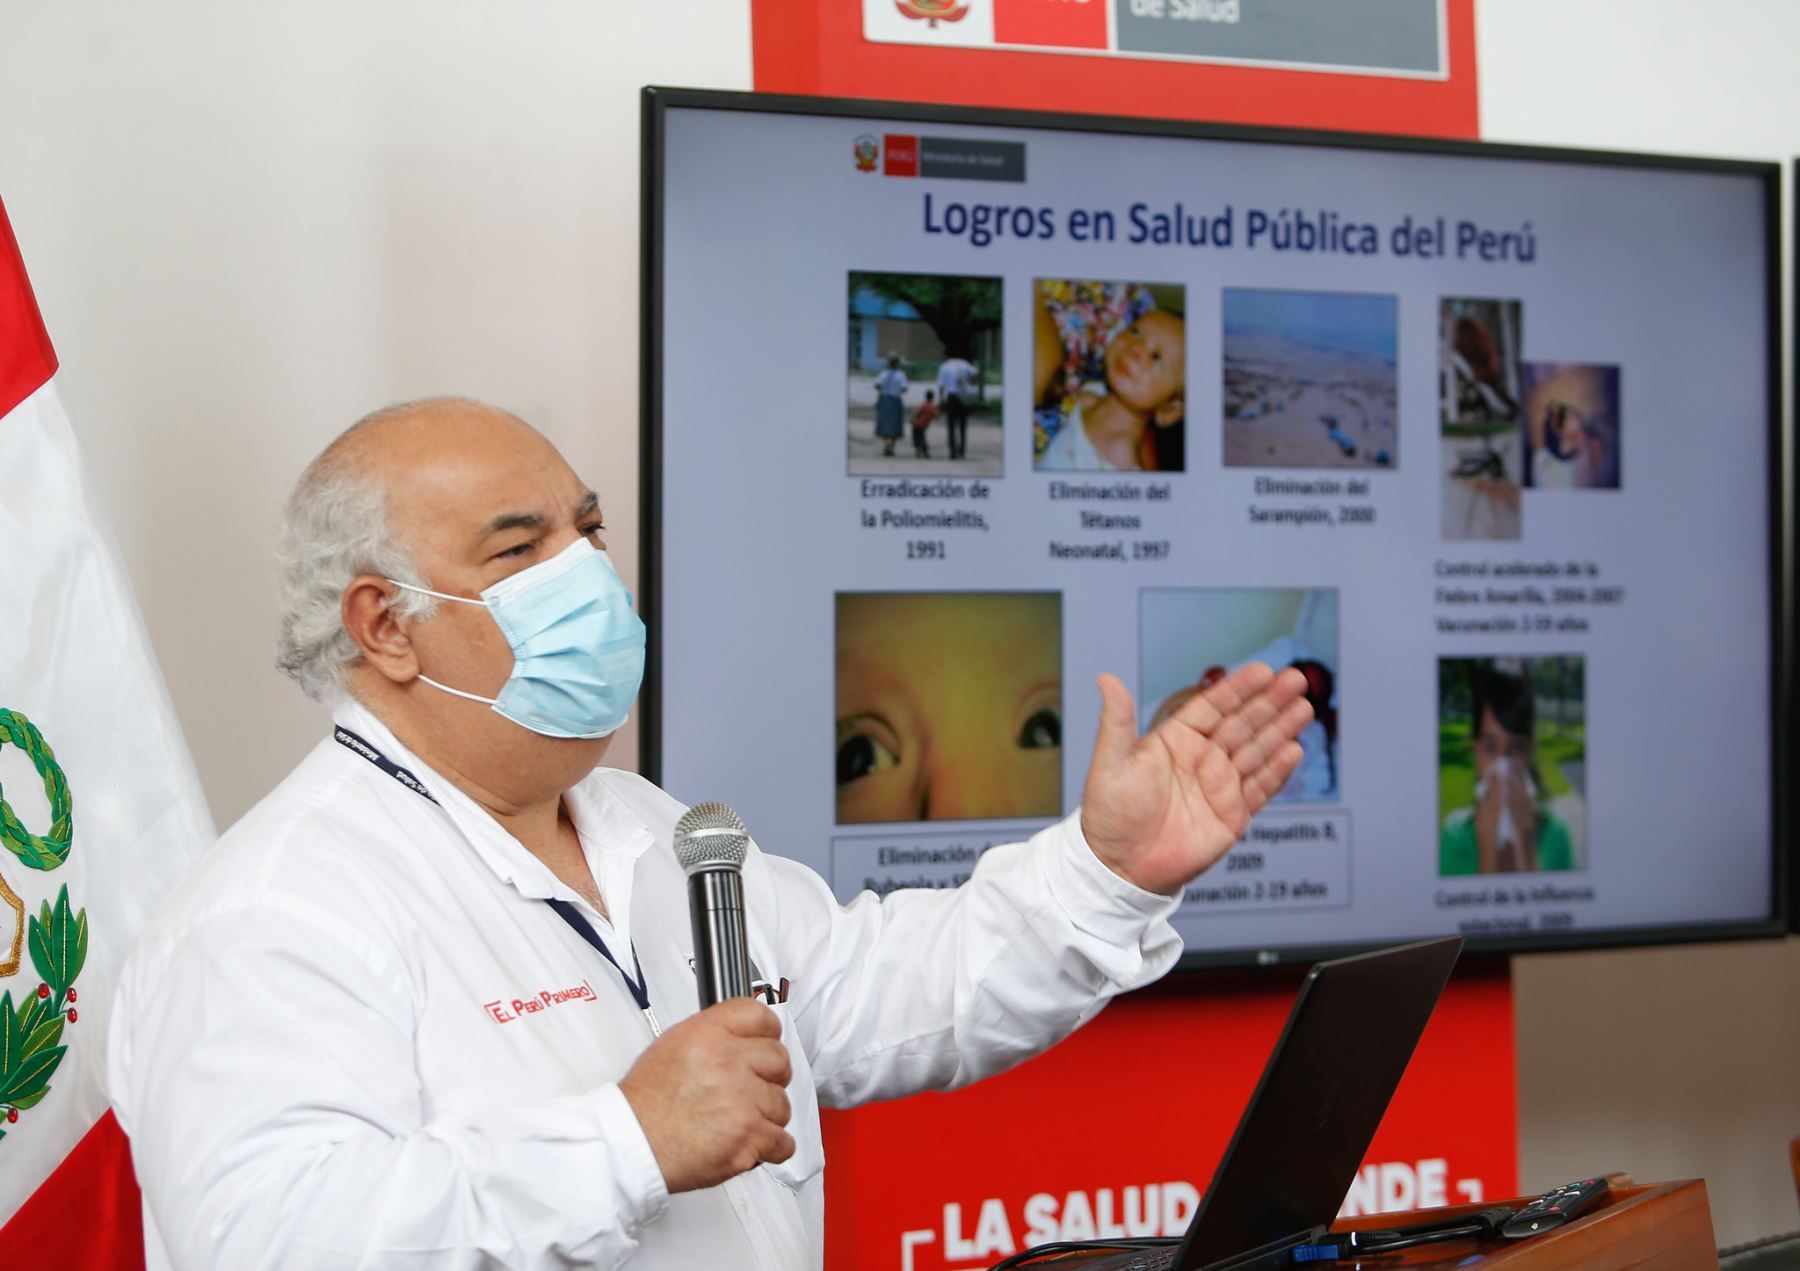 El viceministro Luis Suárez Ognio recordó que las vacunas anticovid-19 serán administradas por el Ministerio de Salud. Foto: ANDINA/Minsa.